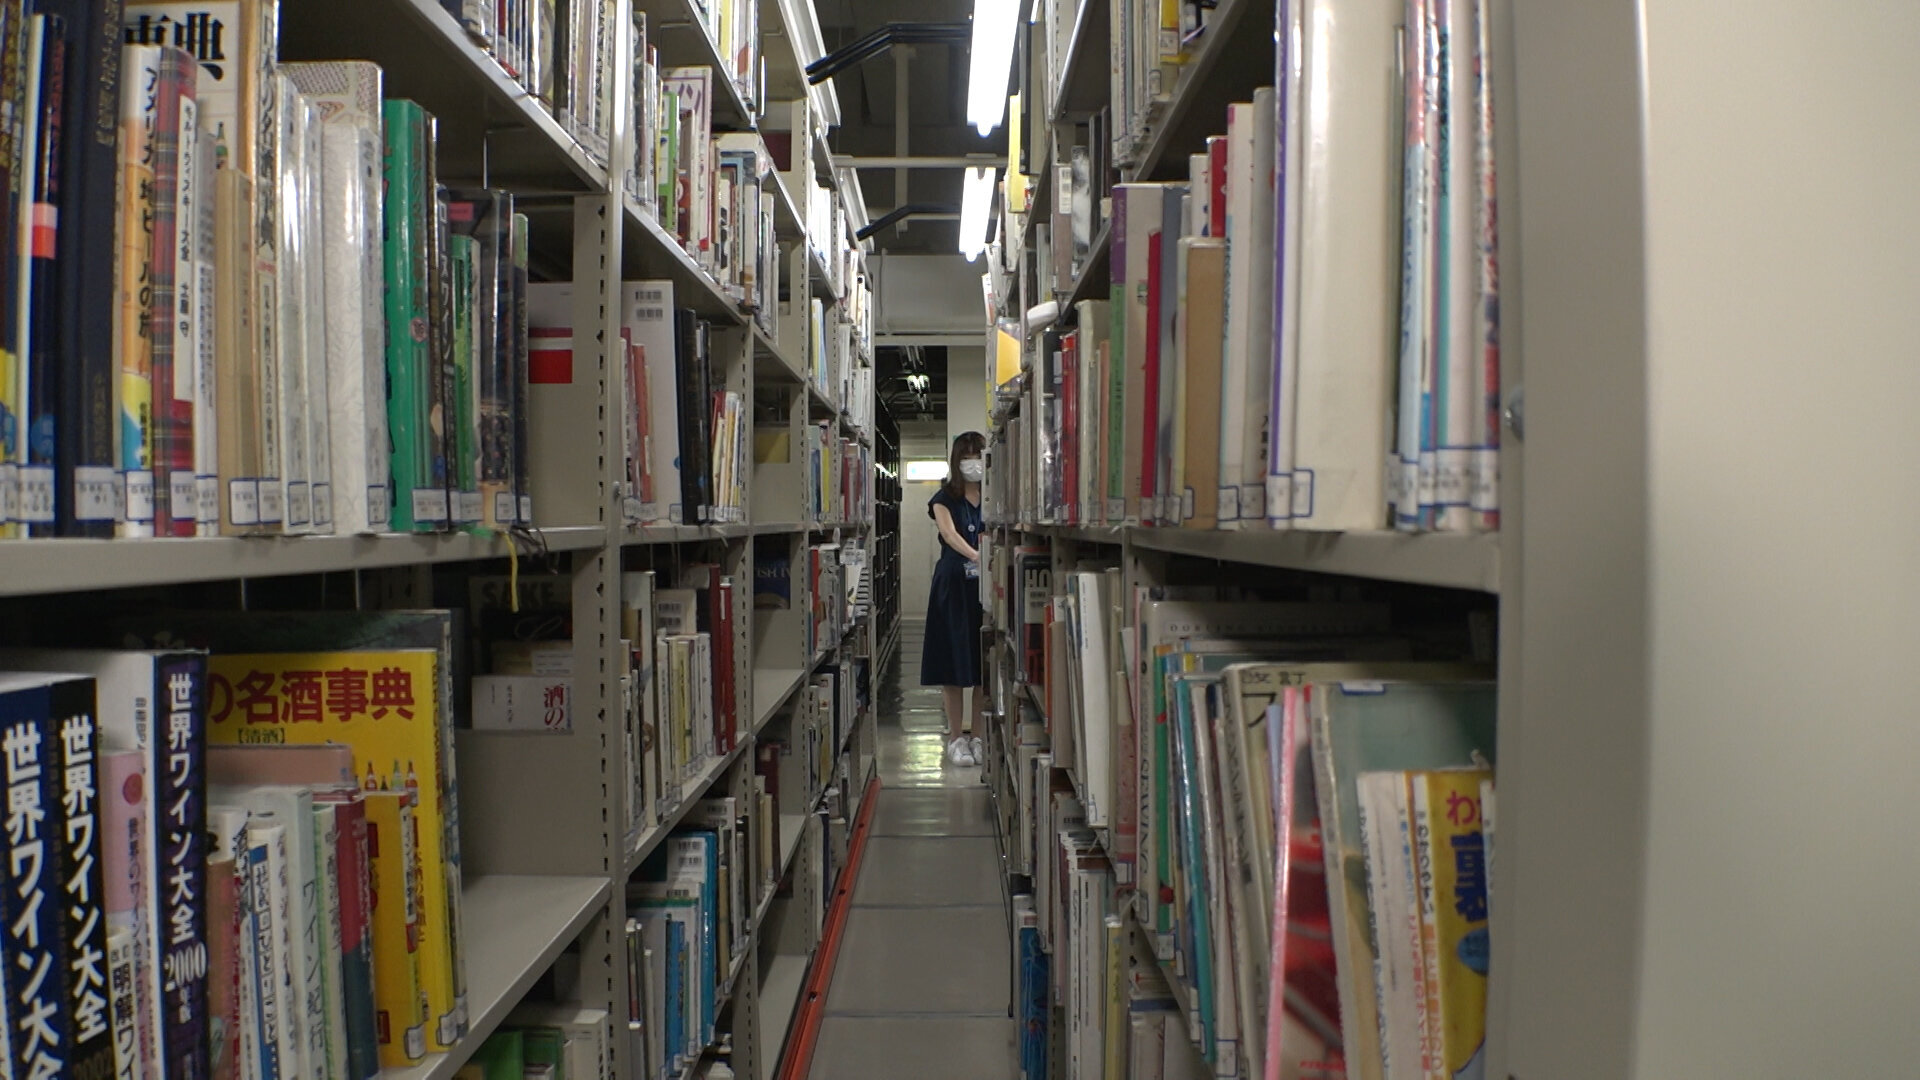 421_ロケ画像_004.jpg